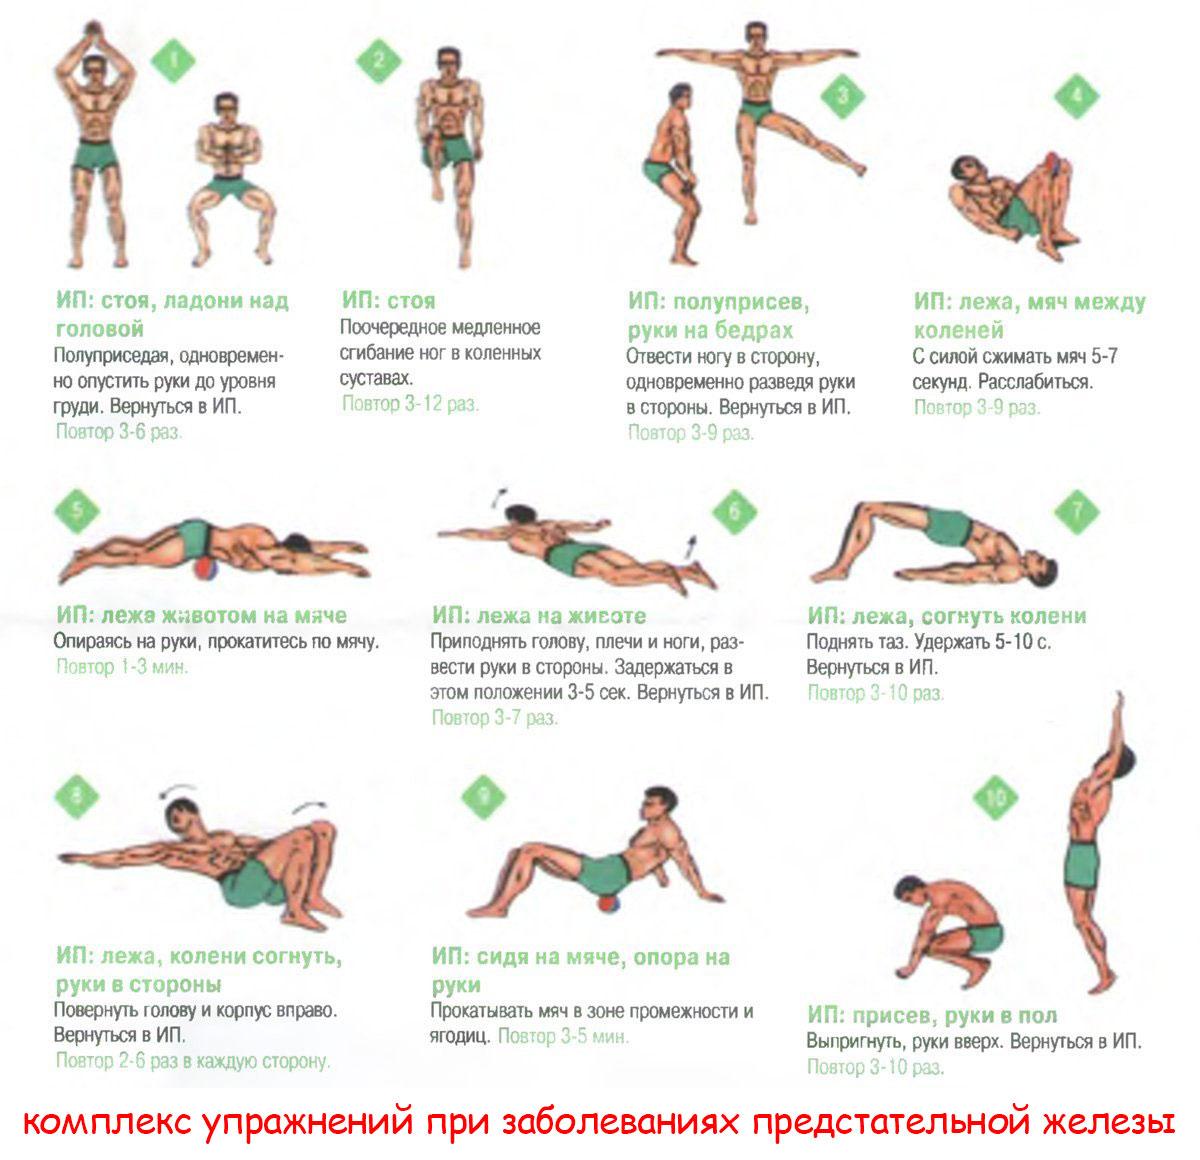 Гимнастика интимная простатита упражнения против хронического простатита